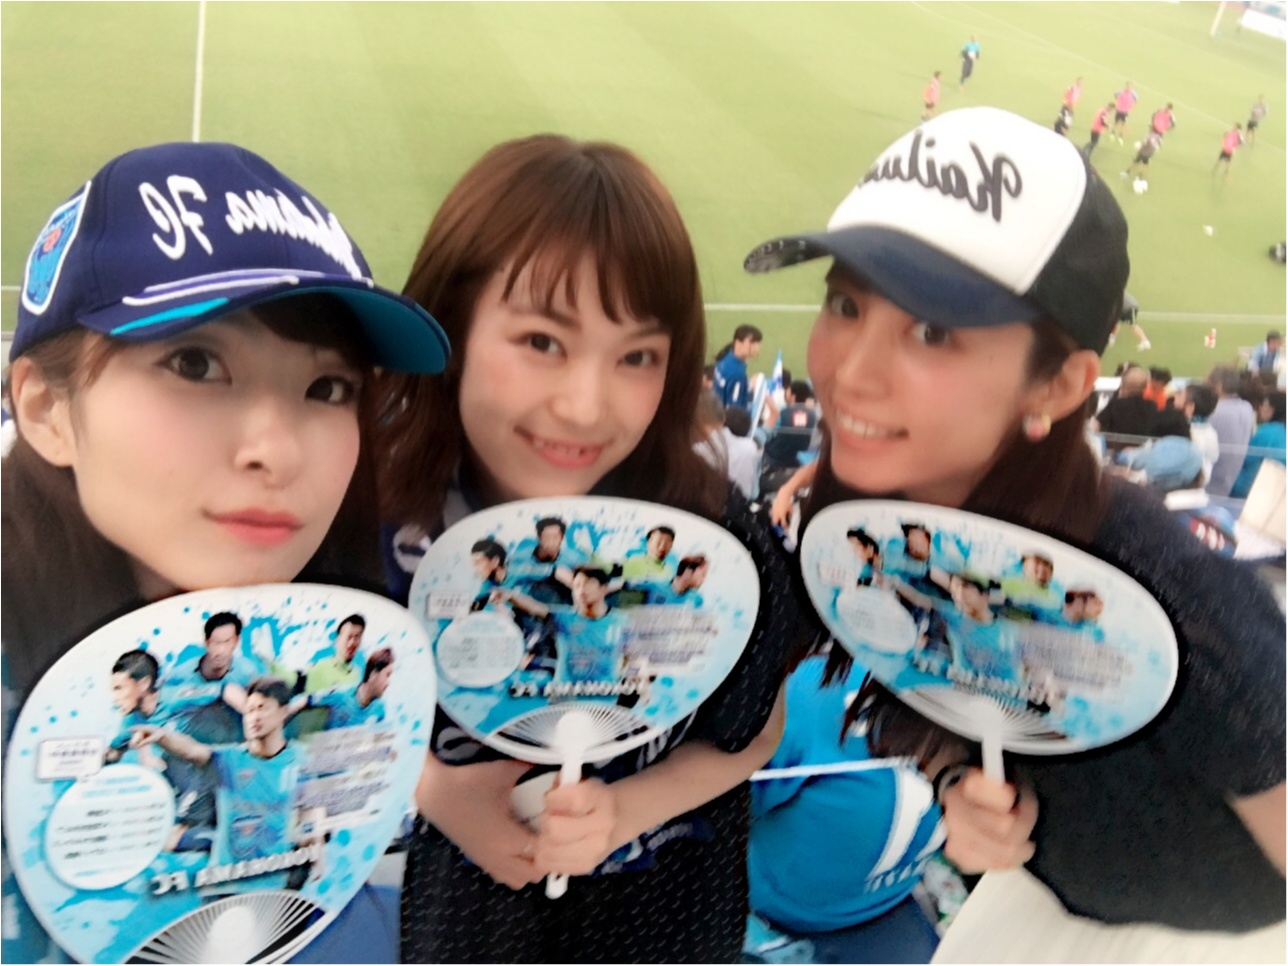 ♡サッカー観戦×モアハピ女子会(*>ω<*)‼︎【横浜FC】♡モアハピ◡̈のぞみ♡_1